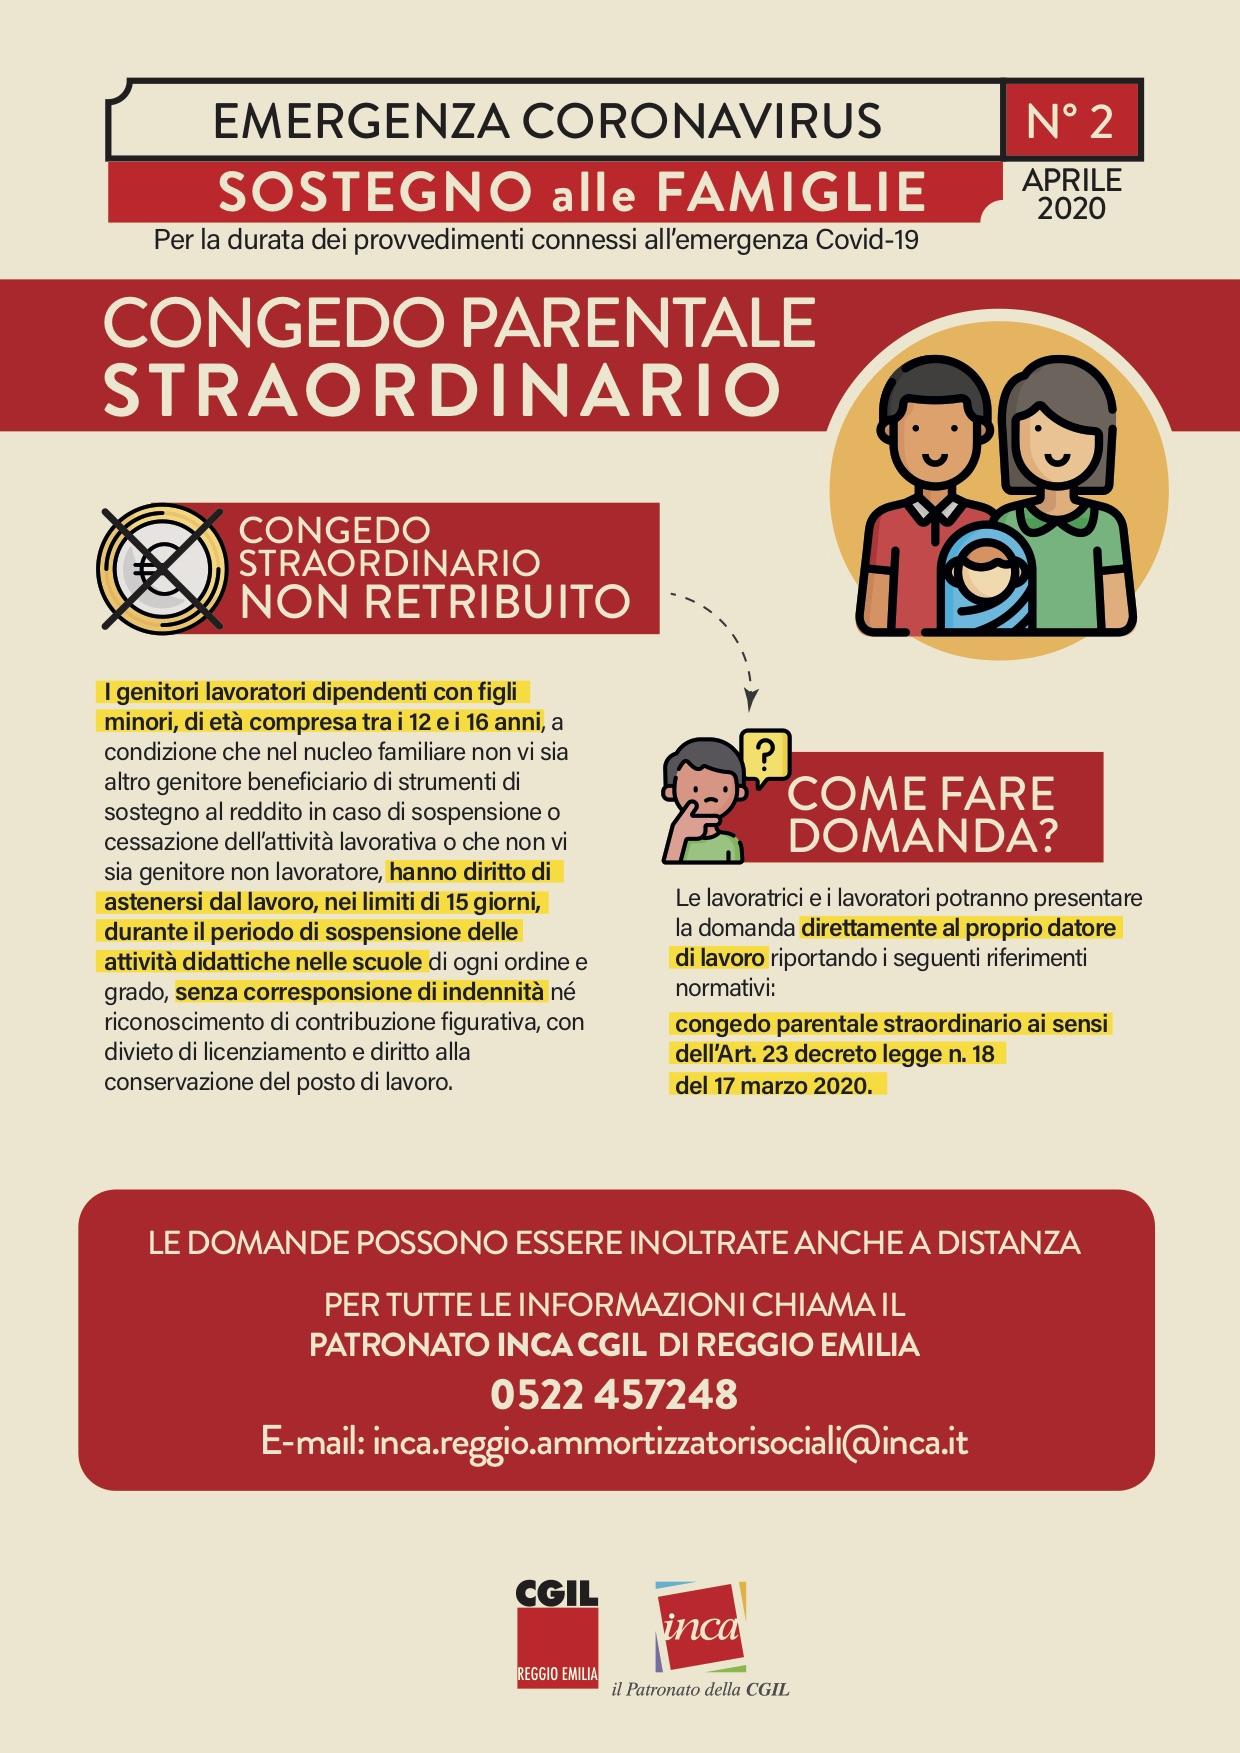 COVID19: COME FUNZIONA IL CONGEDO PARENTALE STRAORDINARIO